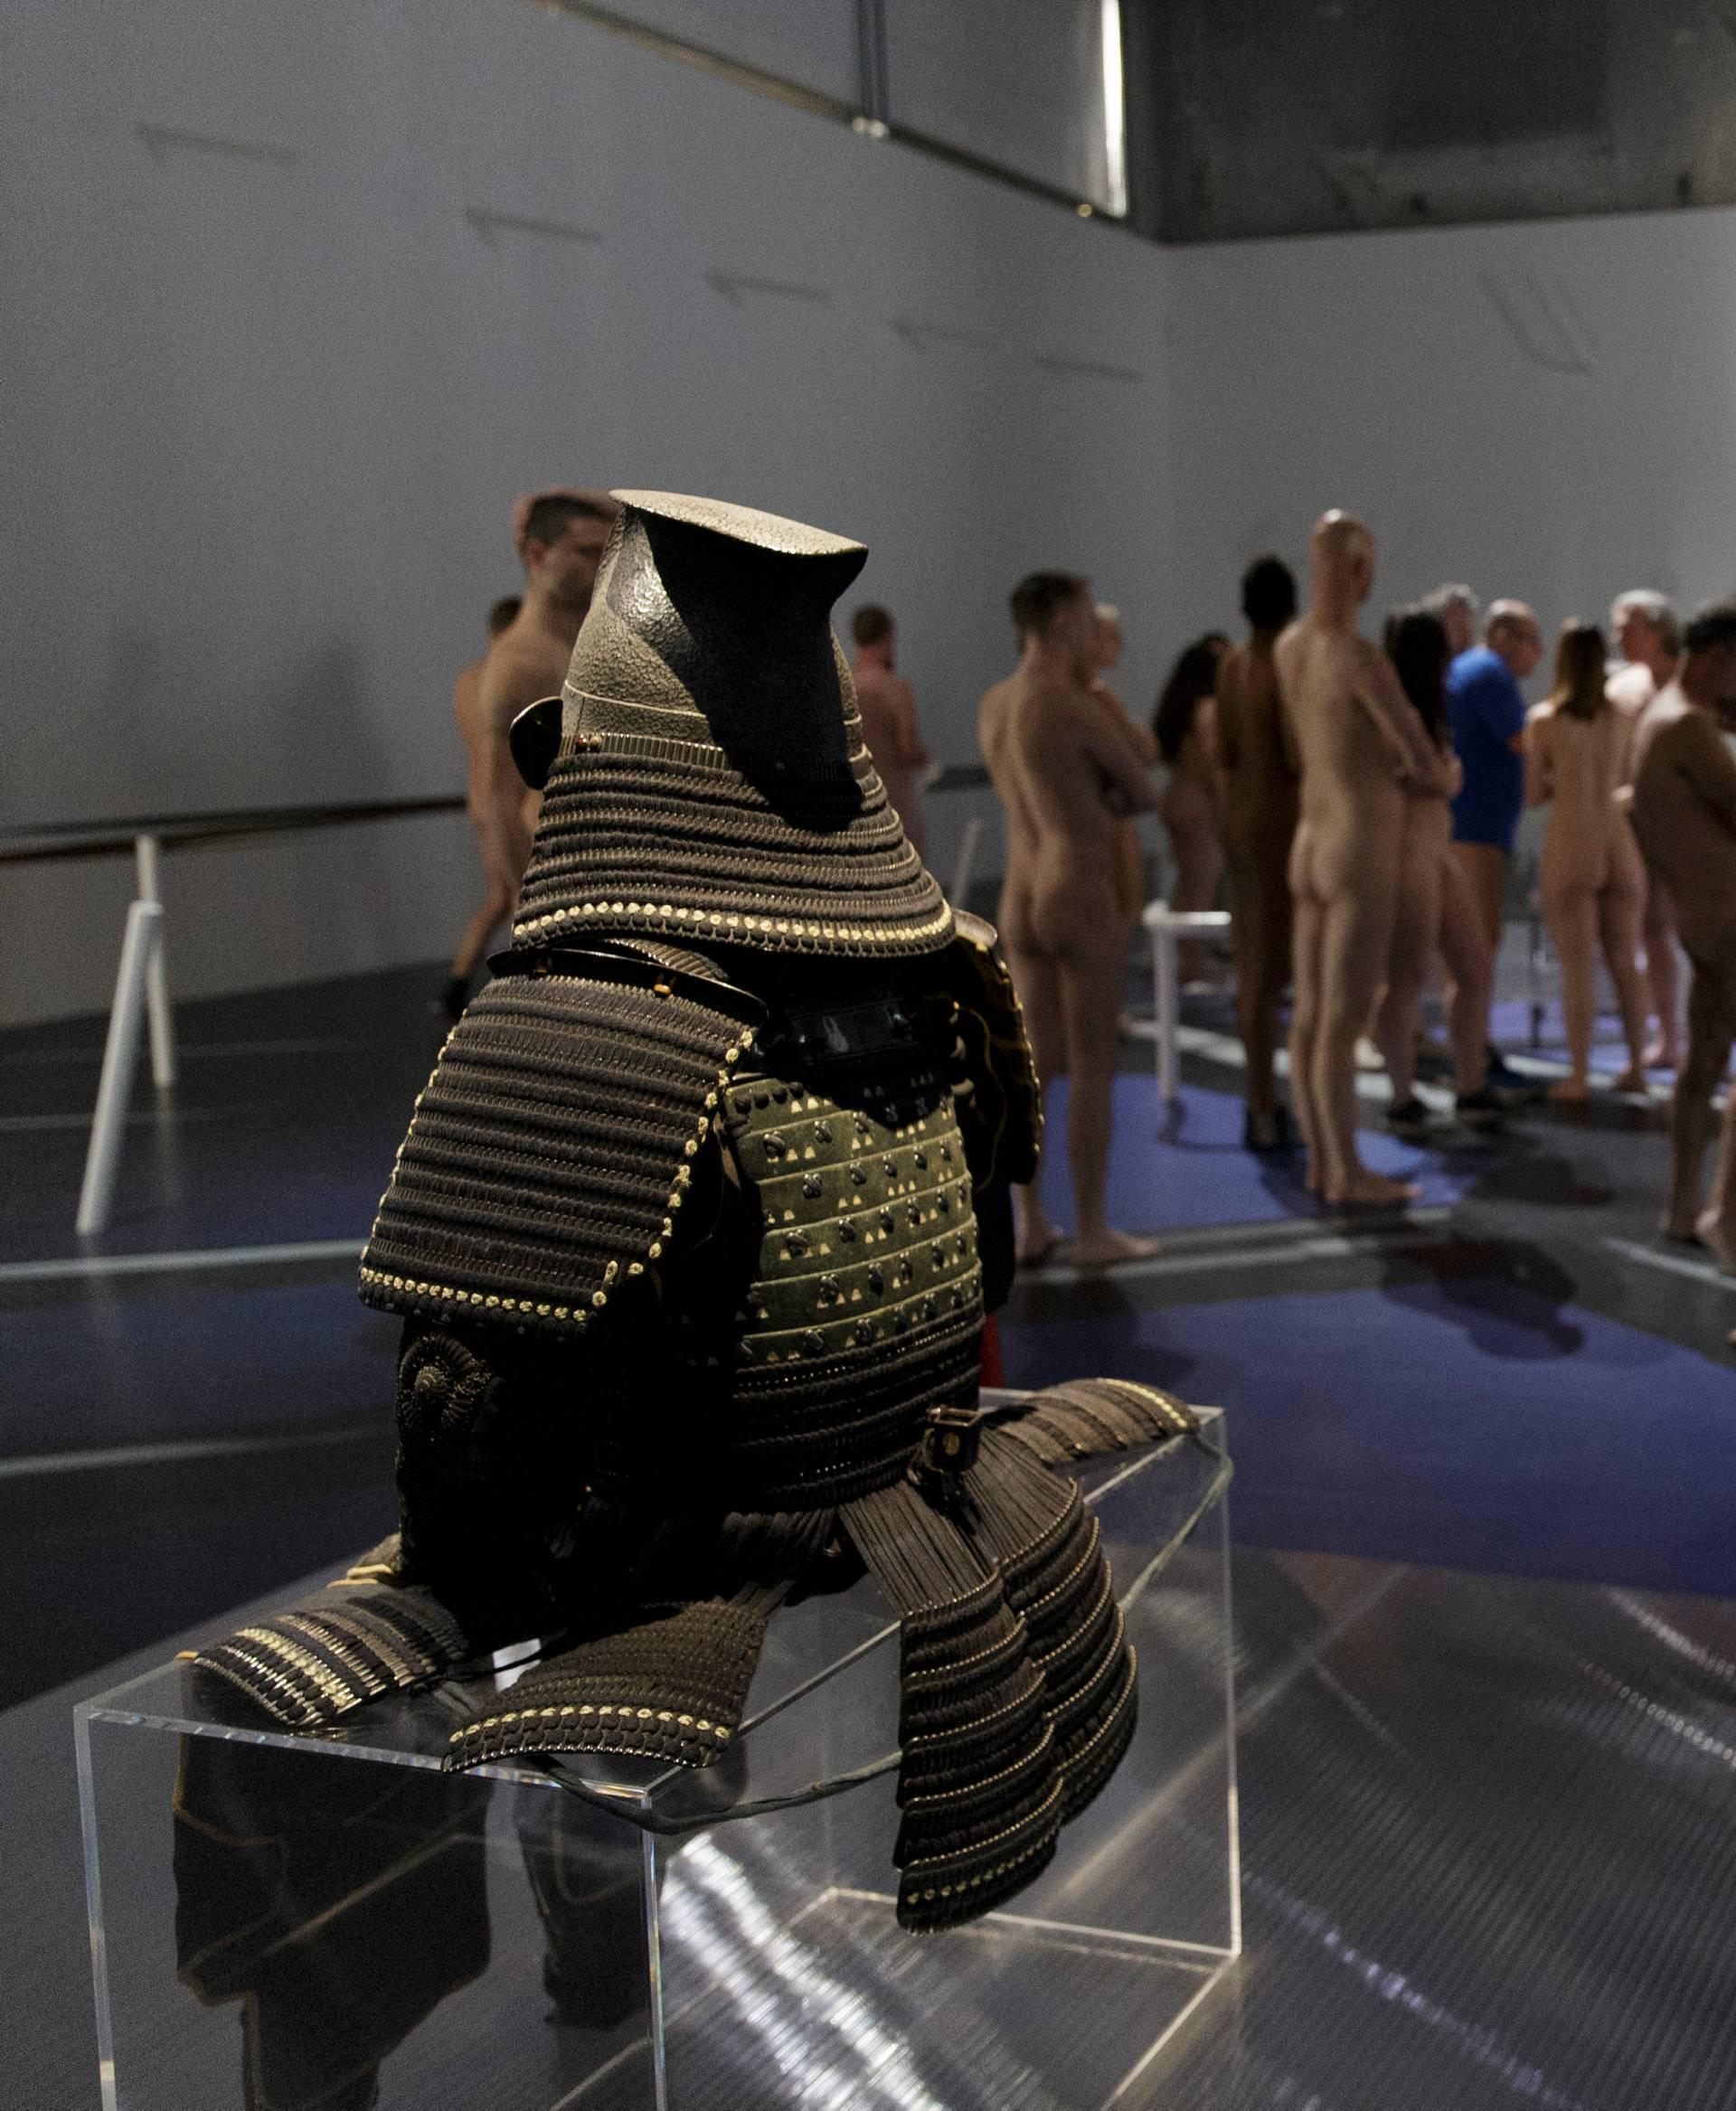 People take part in a nudist visit of the 'Discorde, Fille de la Nuit' season exhibition at the Palais de Tokyo contemporary art centre in Paris